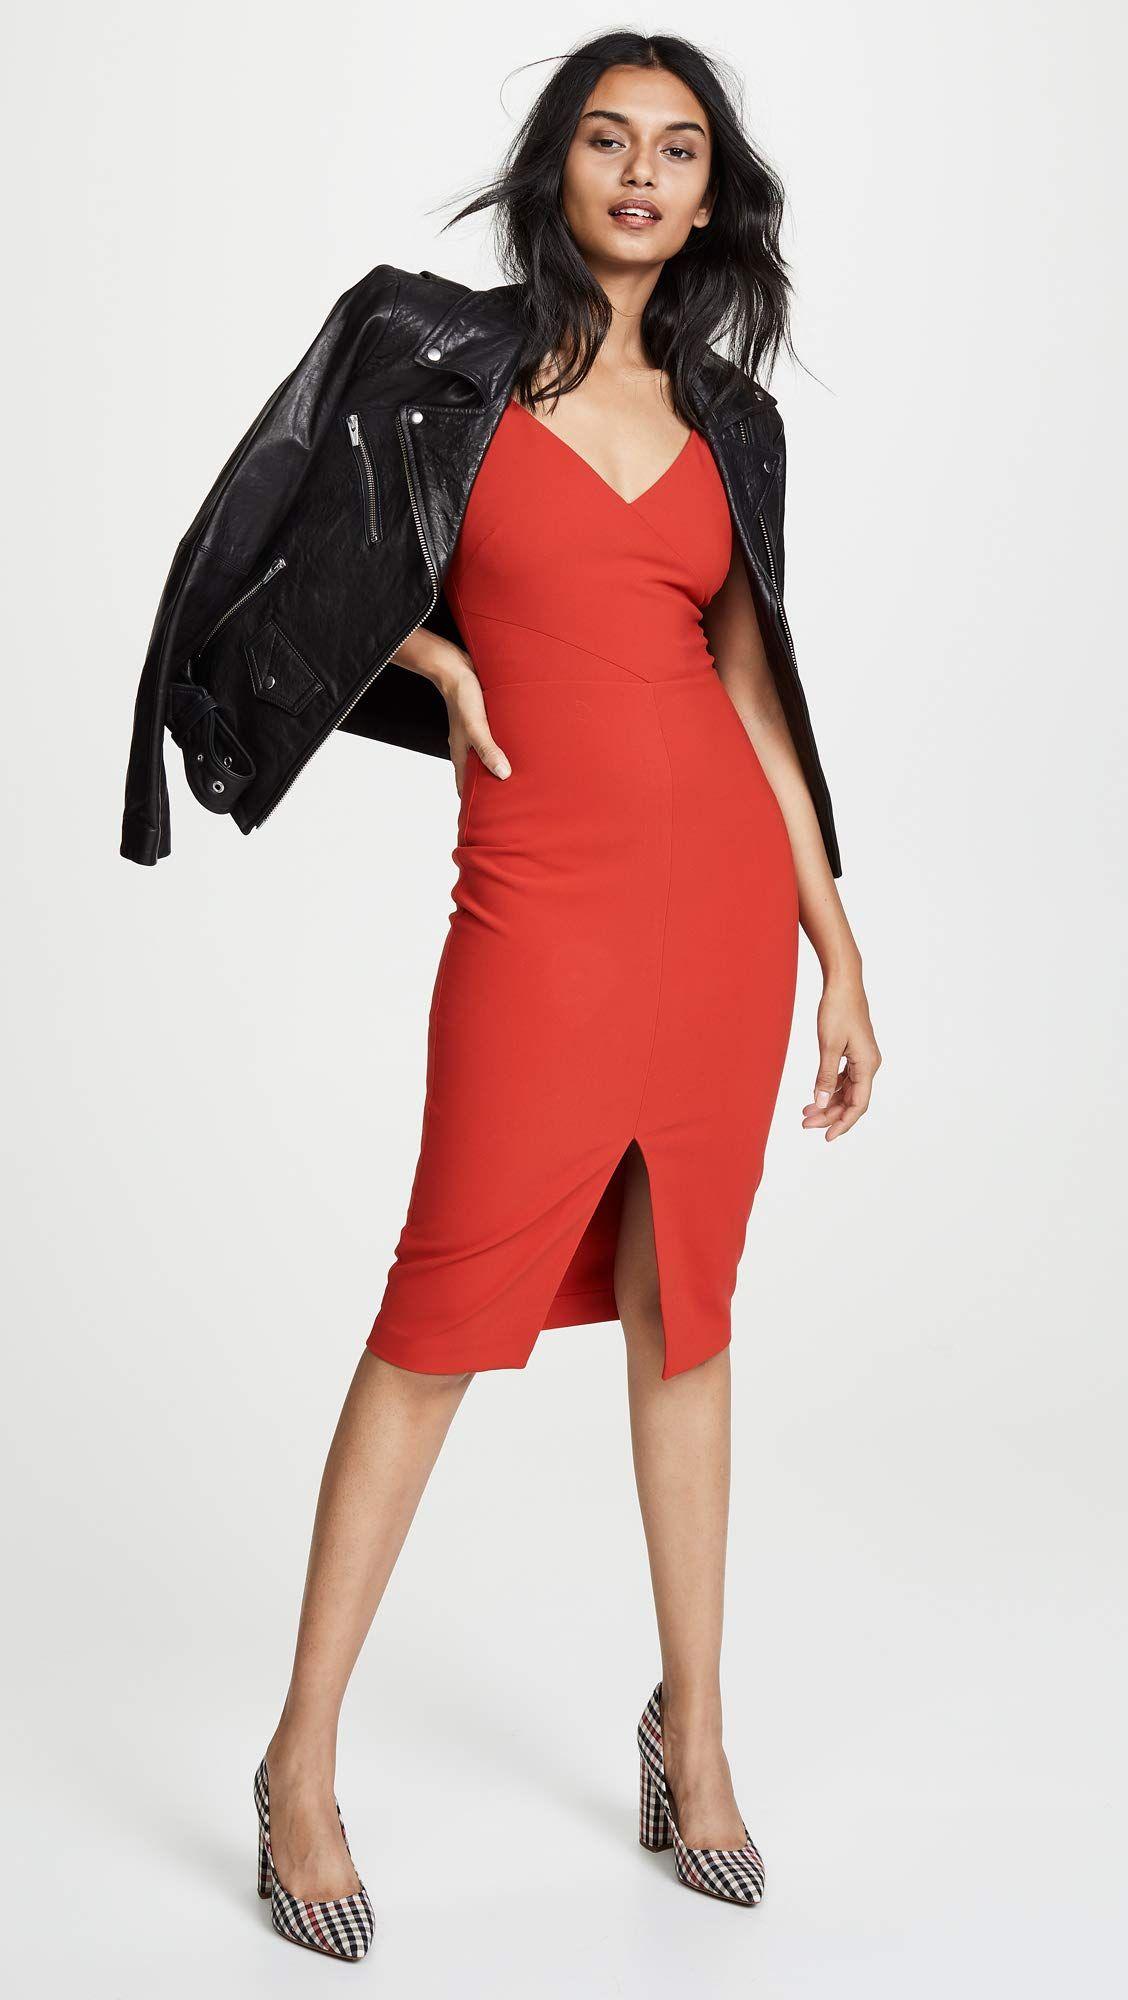 47f818de33 LIKELY Women s Brooklyn Dress Formal Dresses For Teens